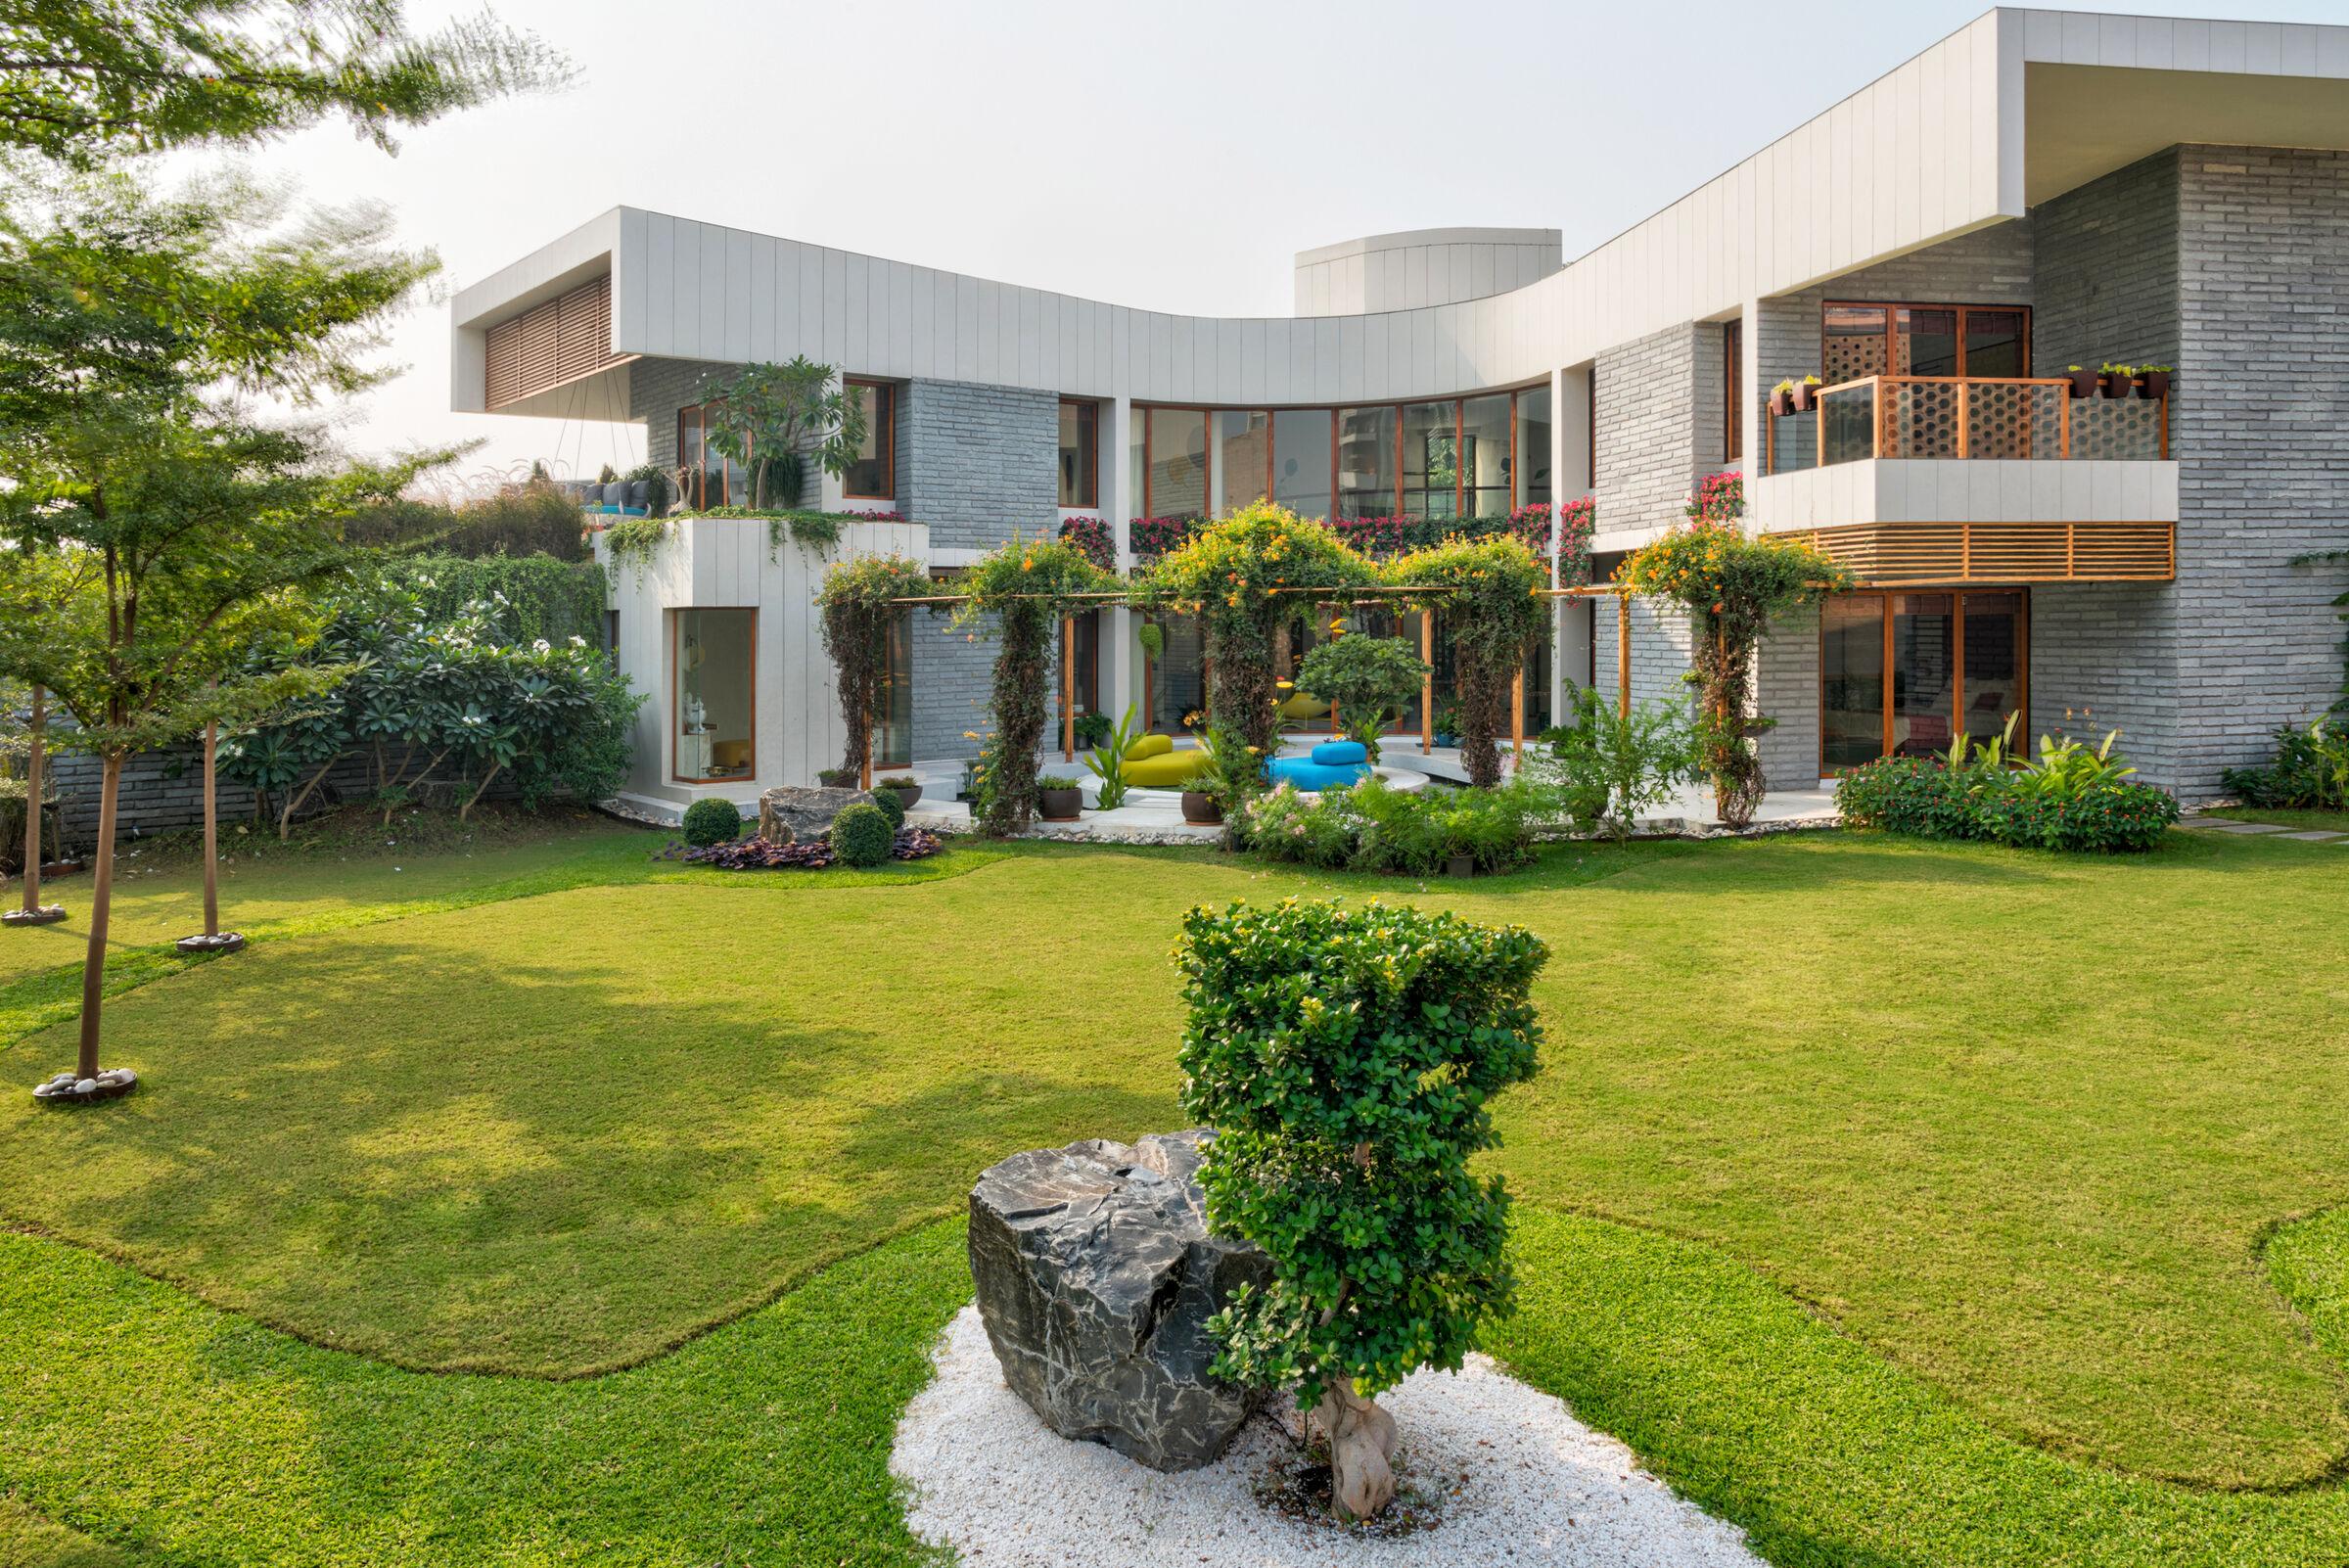 cac mau nha biet thu co san vuon dep nhat the gioi 2 50+ mẫu nhà biệt thự có sân vườn xanh mát mê mọi góc cạnh của thế giới